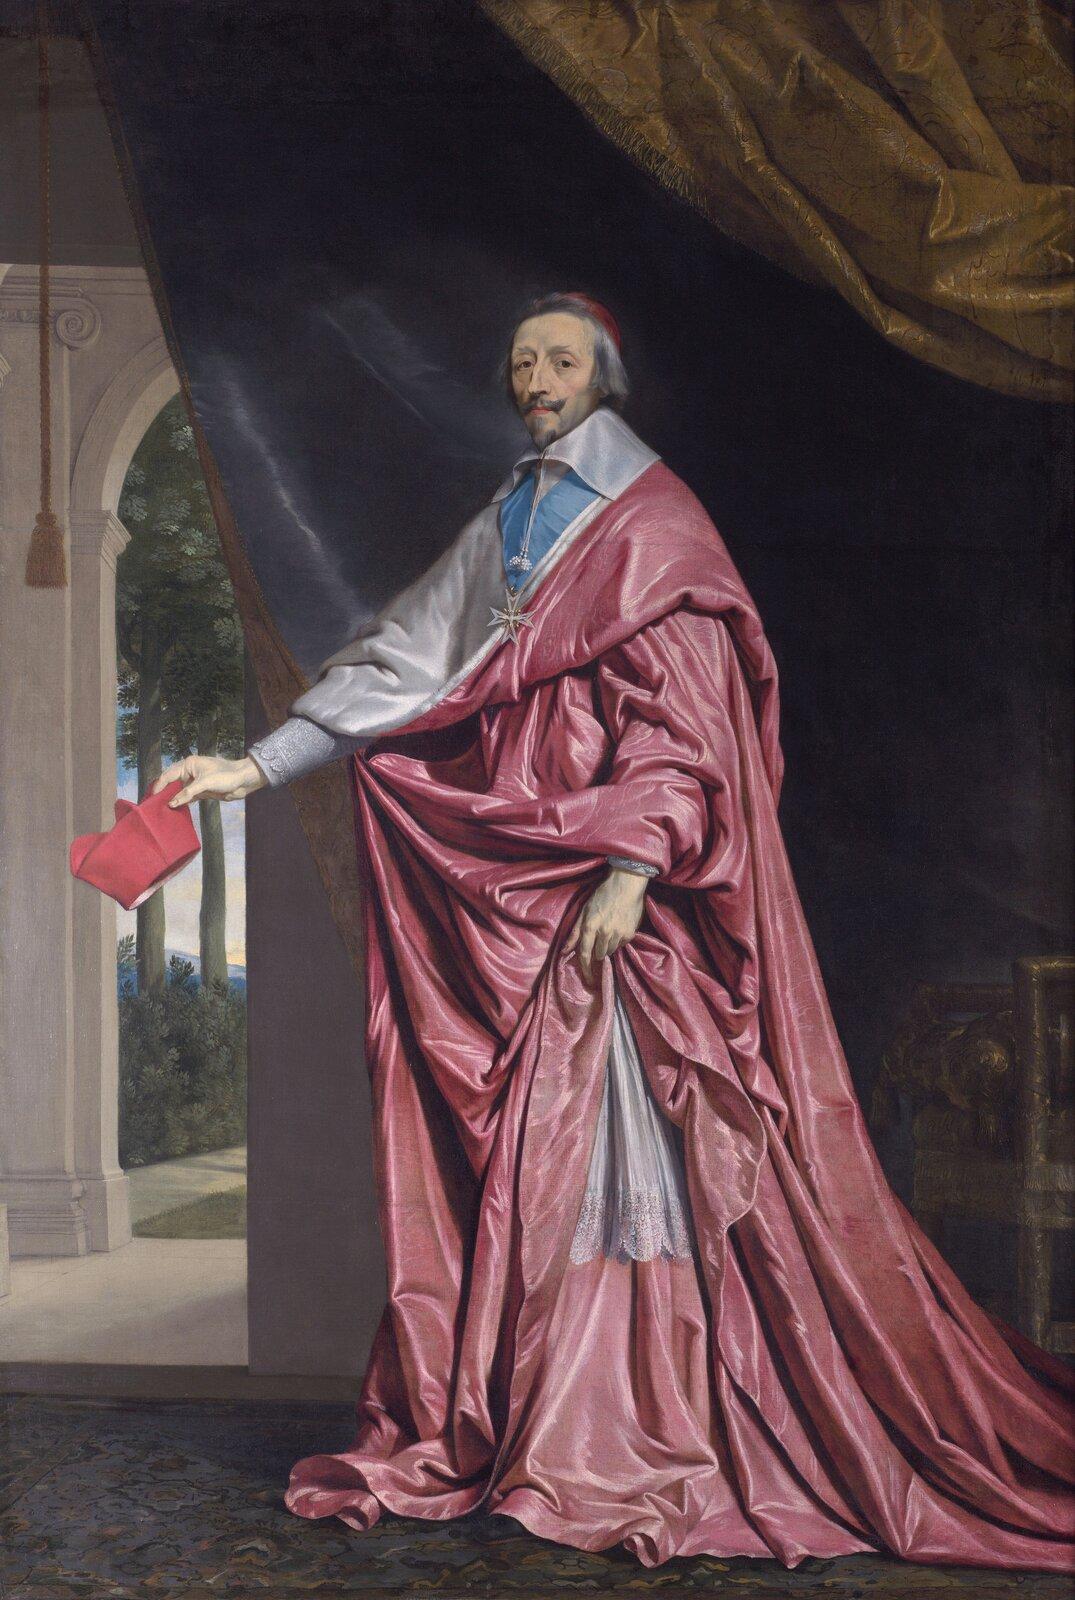 Portret kardynała de Richelieu Obraznamalowany przez Philippe de Champaigne (1602-1674). Ten sam autor namalował portret koronacyjny króla Ludwika XIII prezentowany powyżej.Obraz przechowywany jest obecnie wGalerii Narodowej wLondynie. Źródło: Philippe de Champaigne, Portret kardynała de Richelieu, 1633-1640, olej na płótnie, Galeria Narodowa wLondynie, domena publiczna.